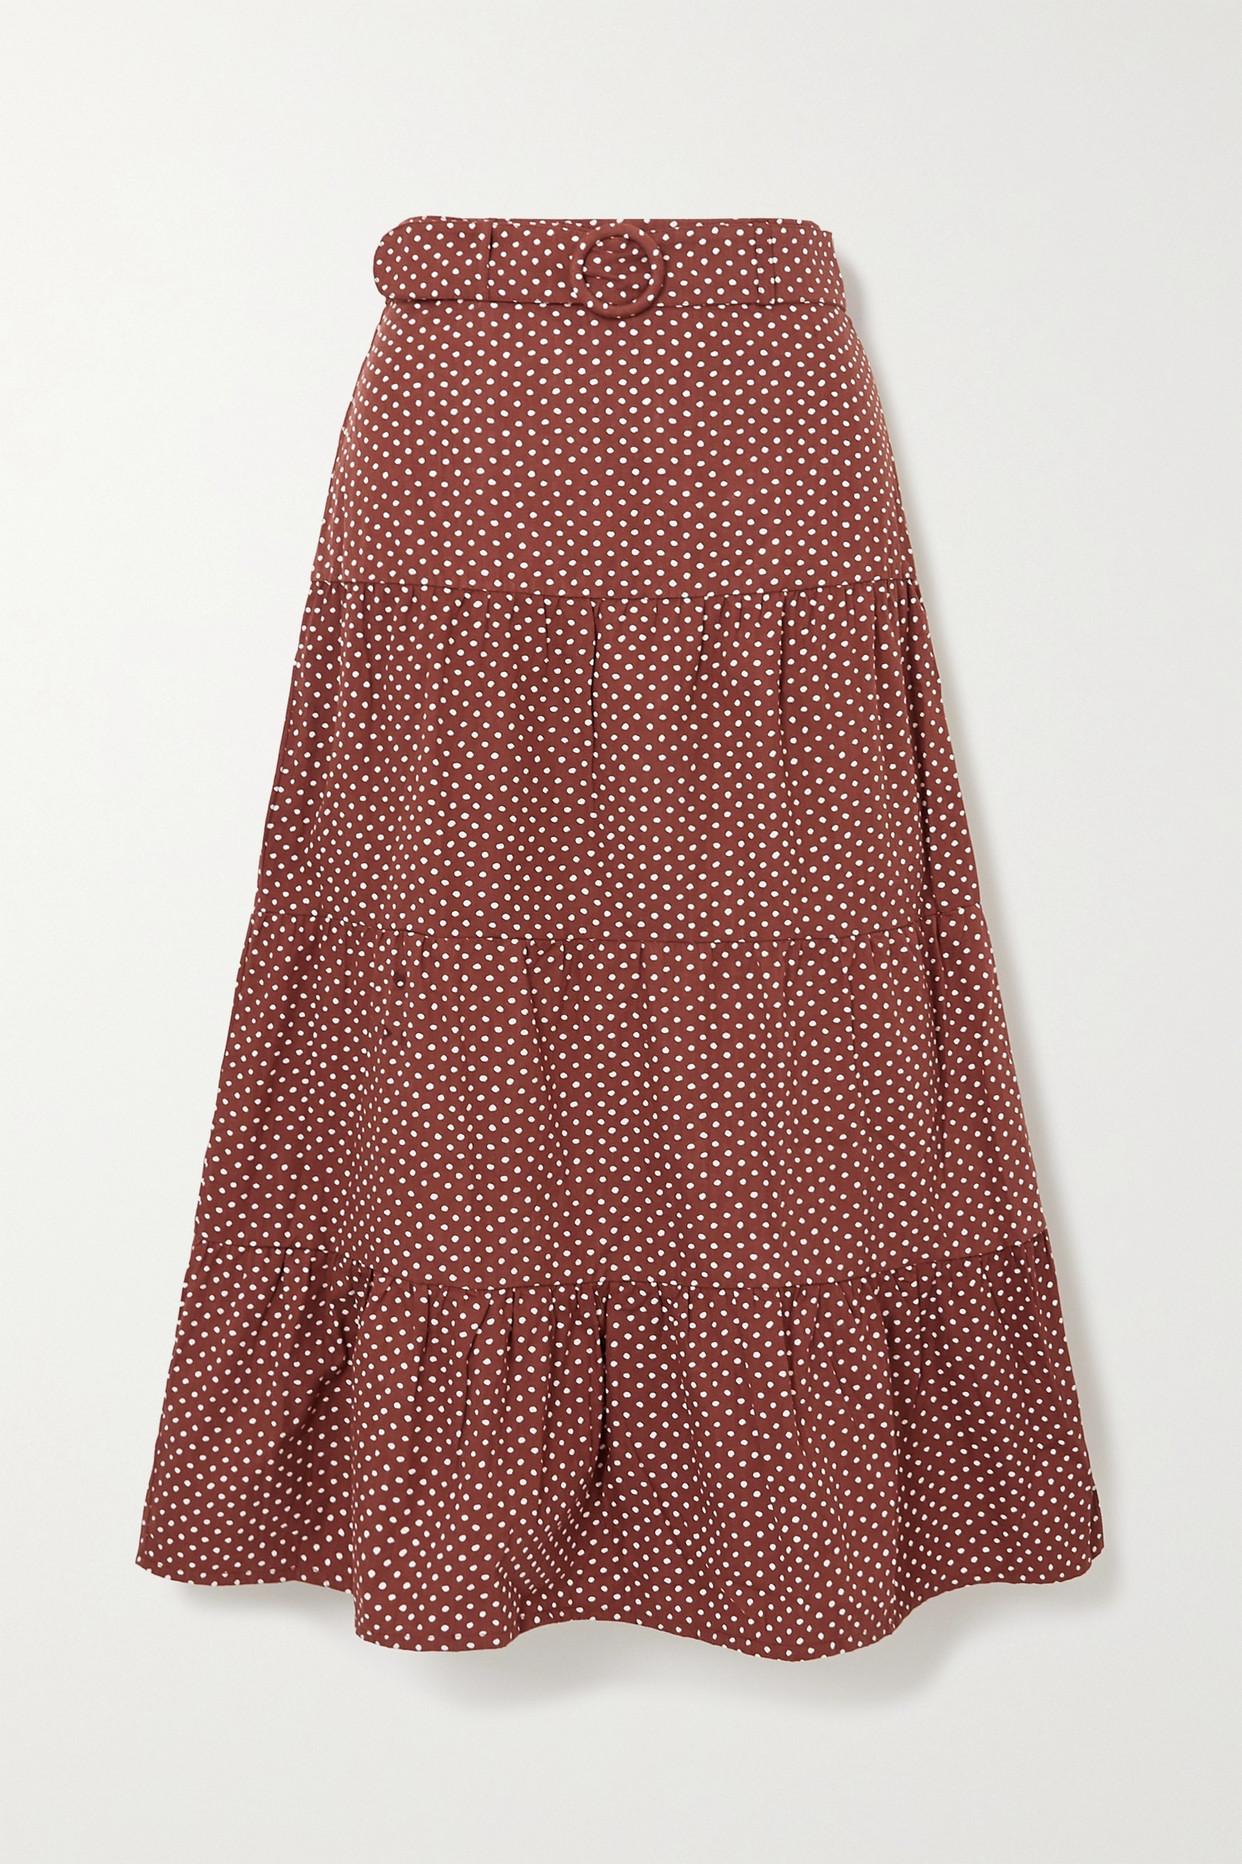 FAITHFULL THE BRAND - + Net Sustain Farida Cotton-poplin Midi Skirt - Brown - x small